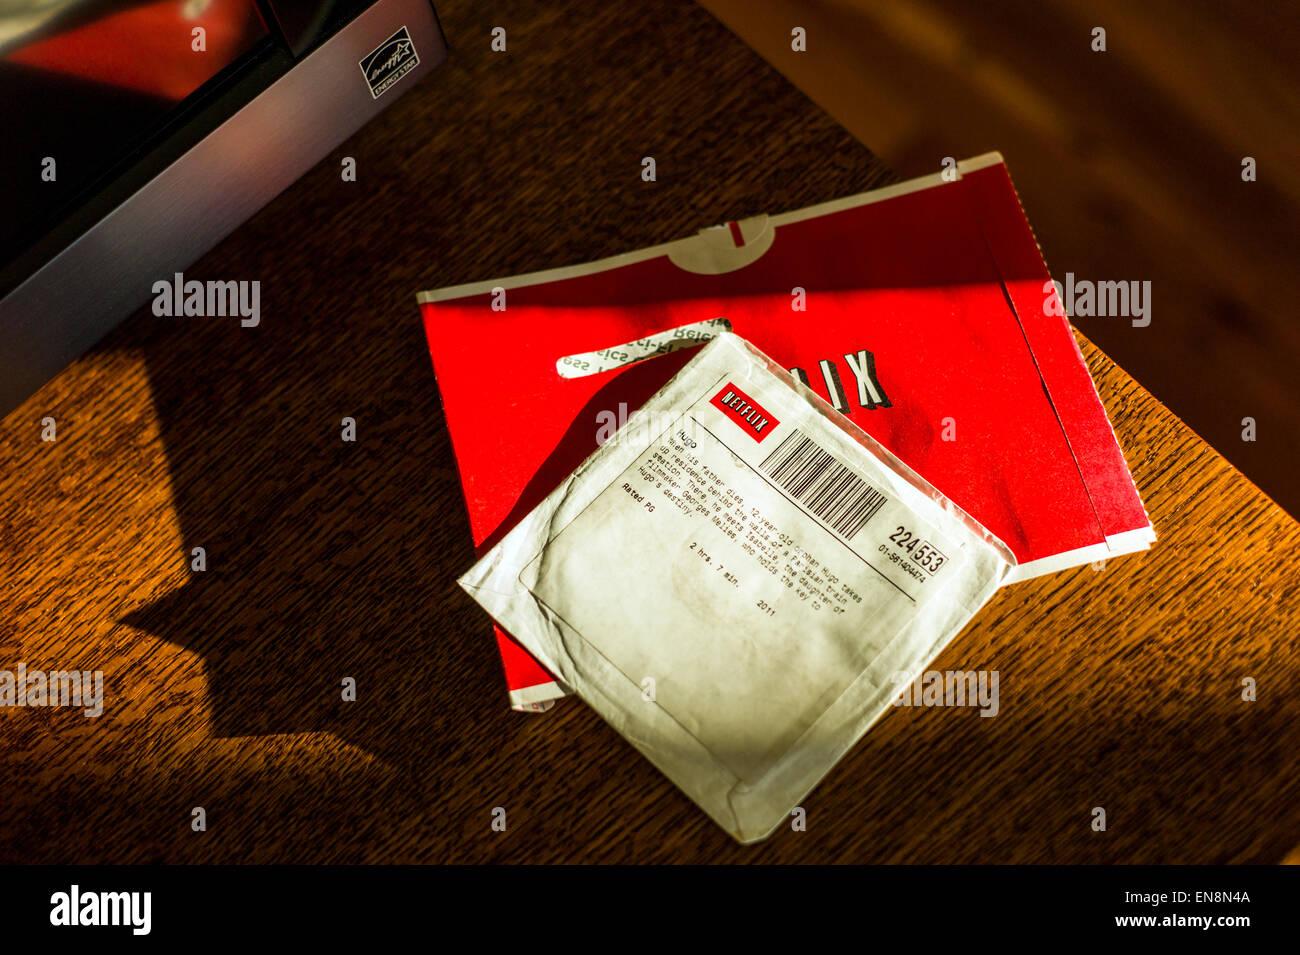 Por la tarde la luz del sol cruza una película Netflix DVD Imagen De Stock